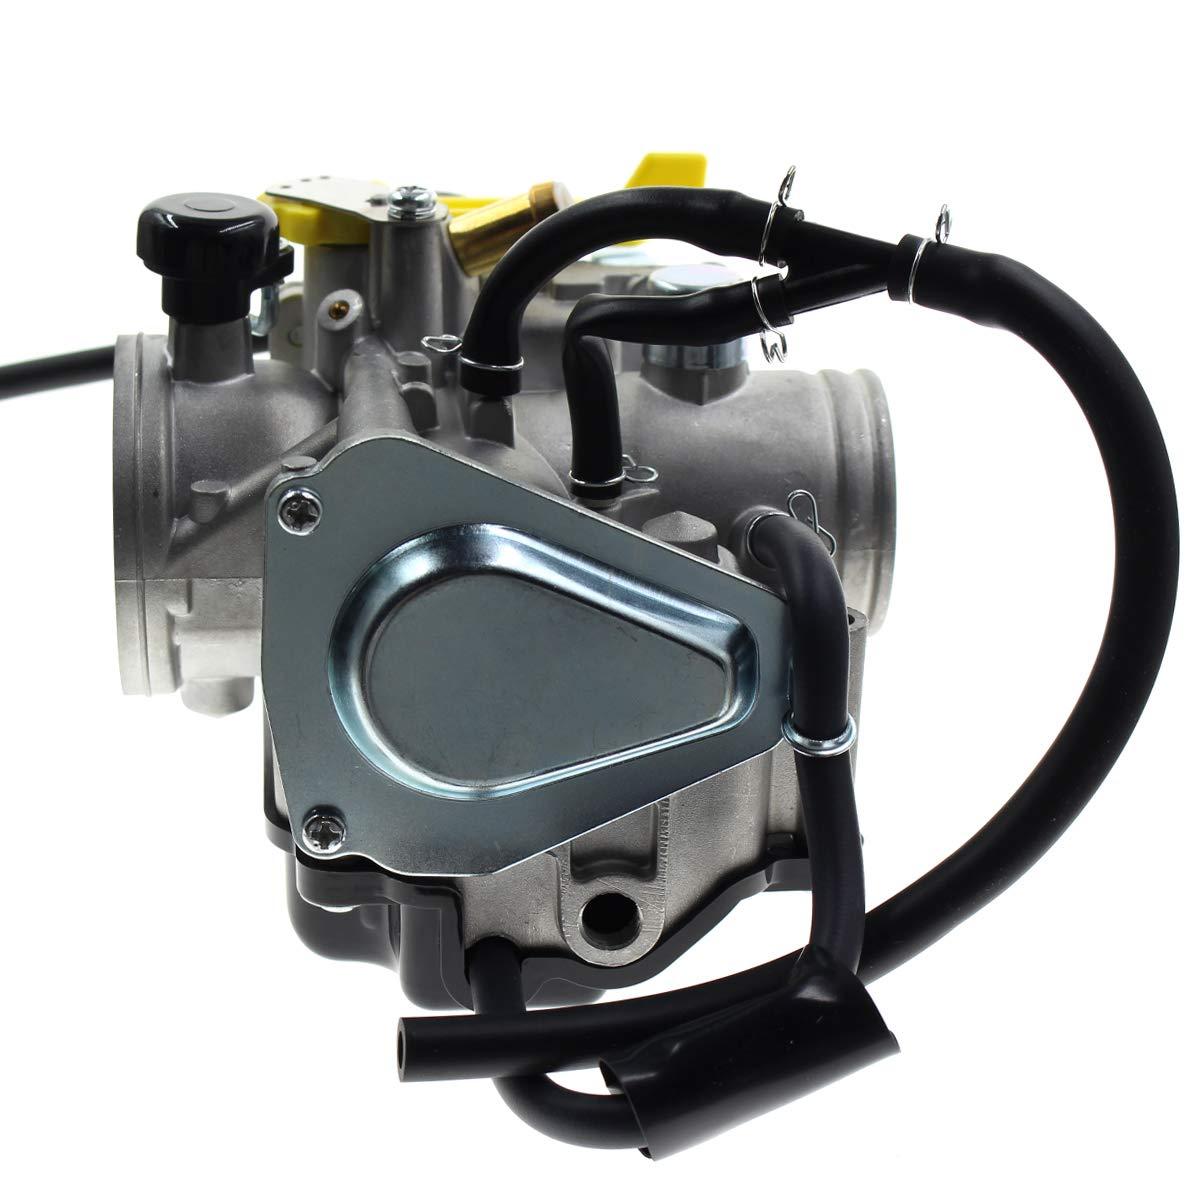 Carbhub 16100-HN1-A43 Carburetor for Honda TRX400 Sportrax 400 1999-2015 ATV Carb 16100-HN1-A43